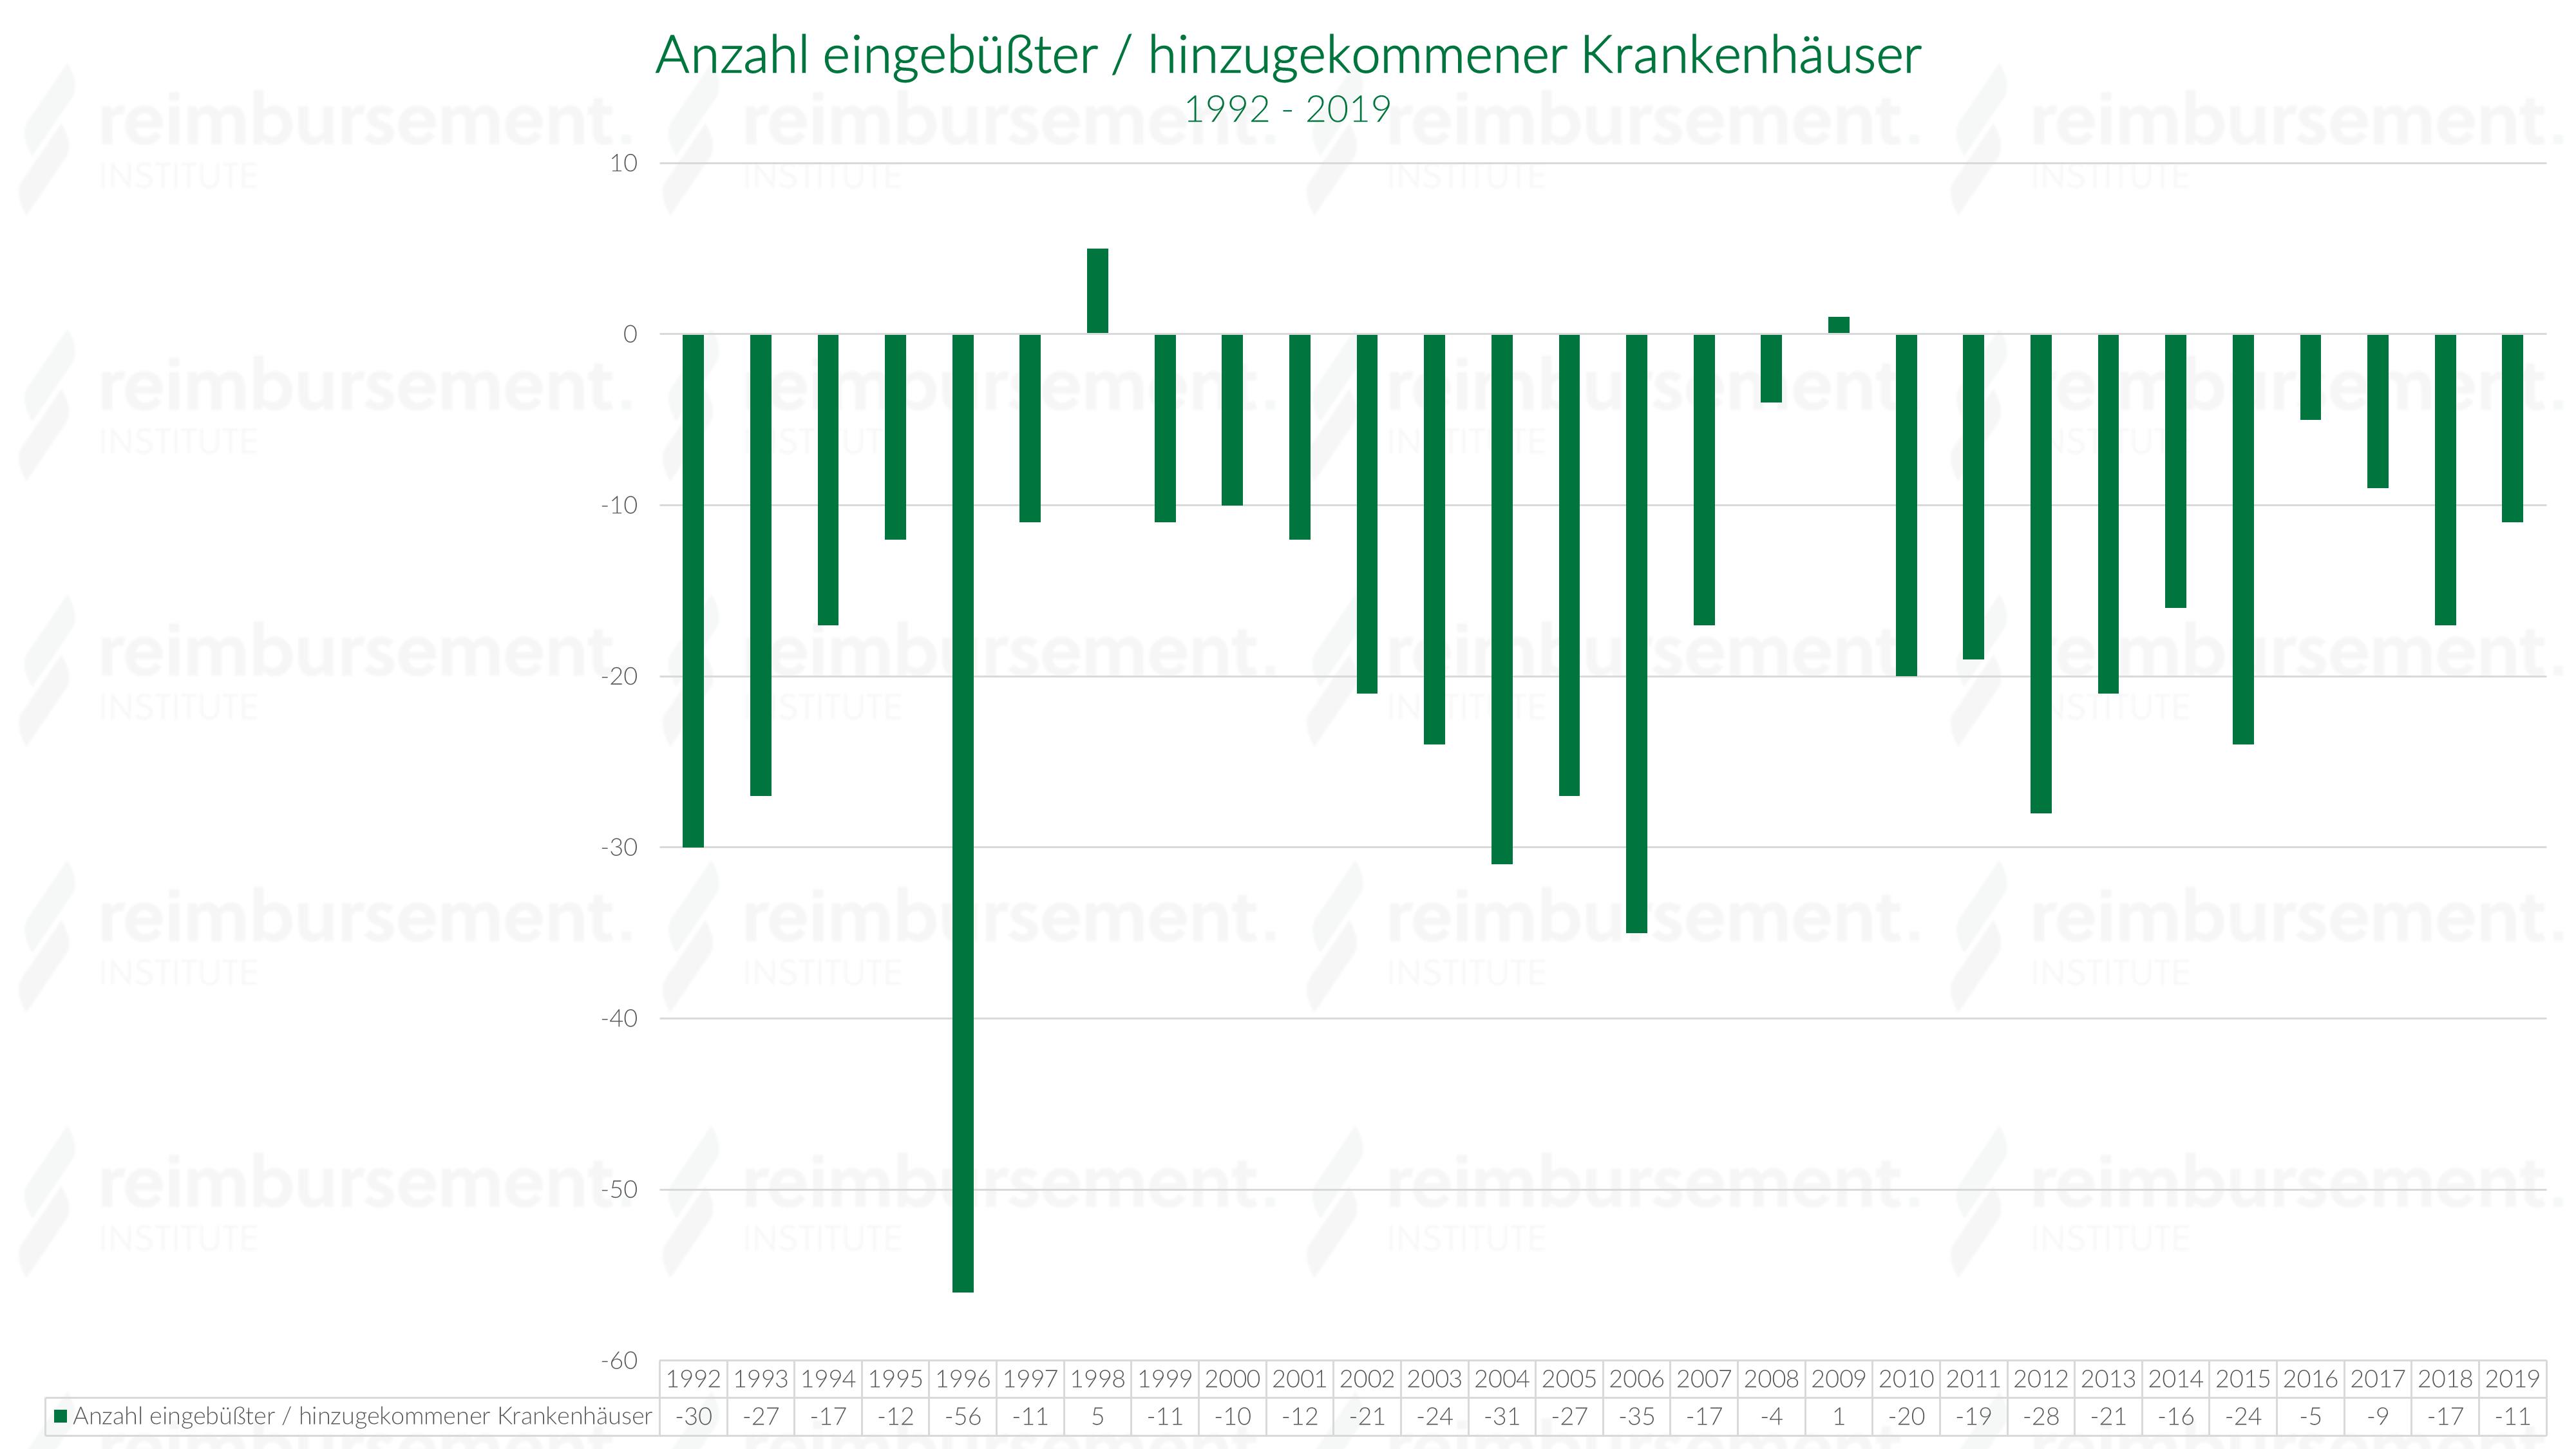 Krankenhausbettenanzahl der eingebüßten und hinzugekommenen Krankenhäuser im Jahresverlauf - 1992 bis 2018